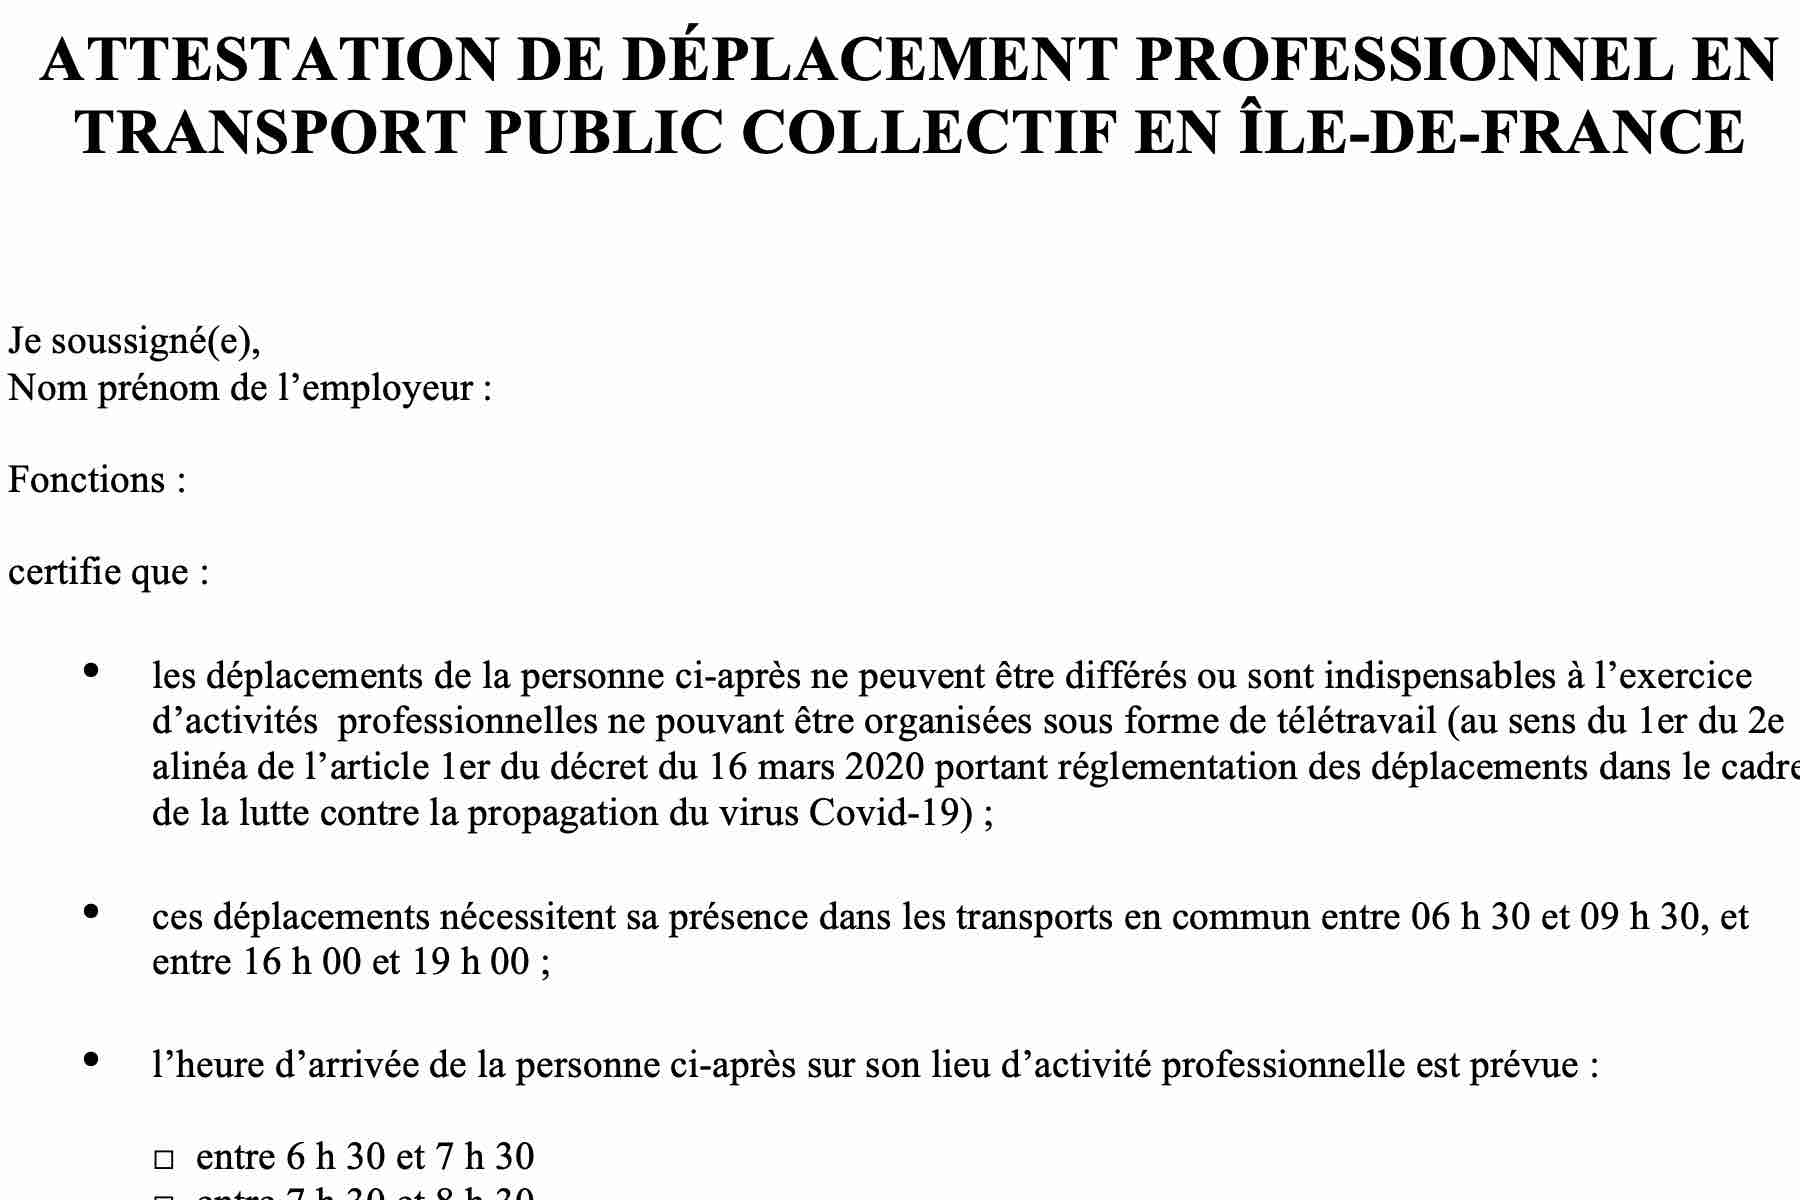 Zaświadczenie od pracodawcy konieczne w środkach transportu publicznego Ile-de-France